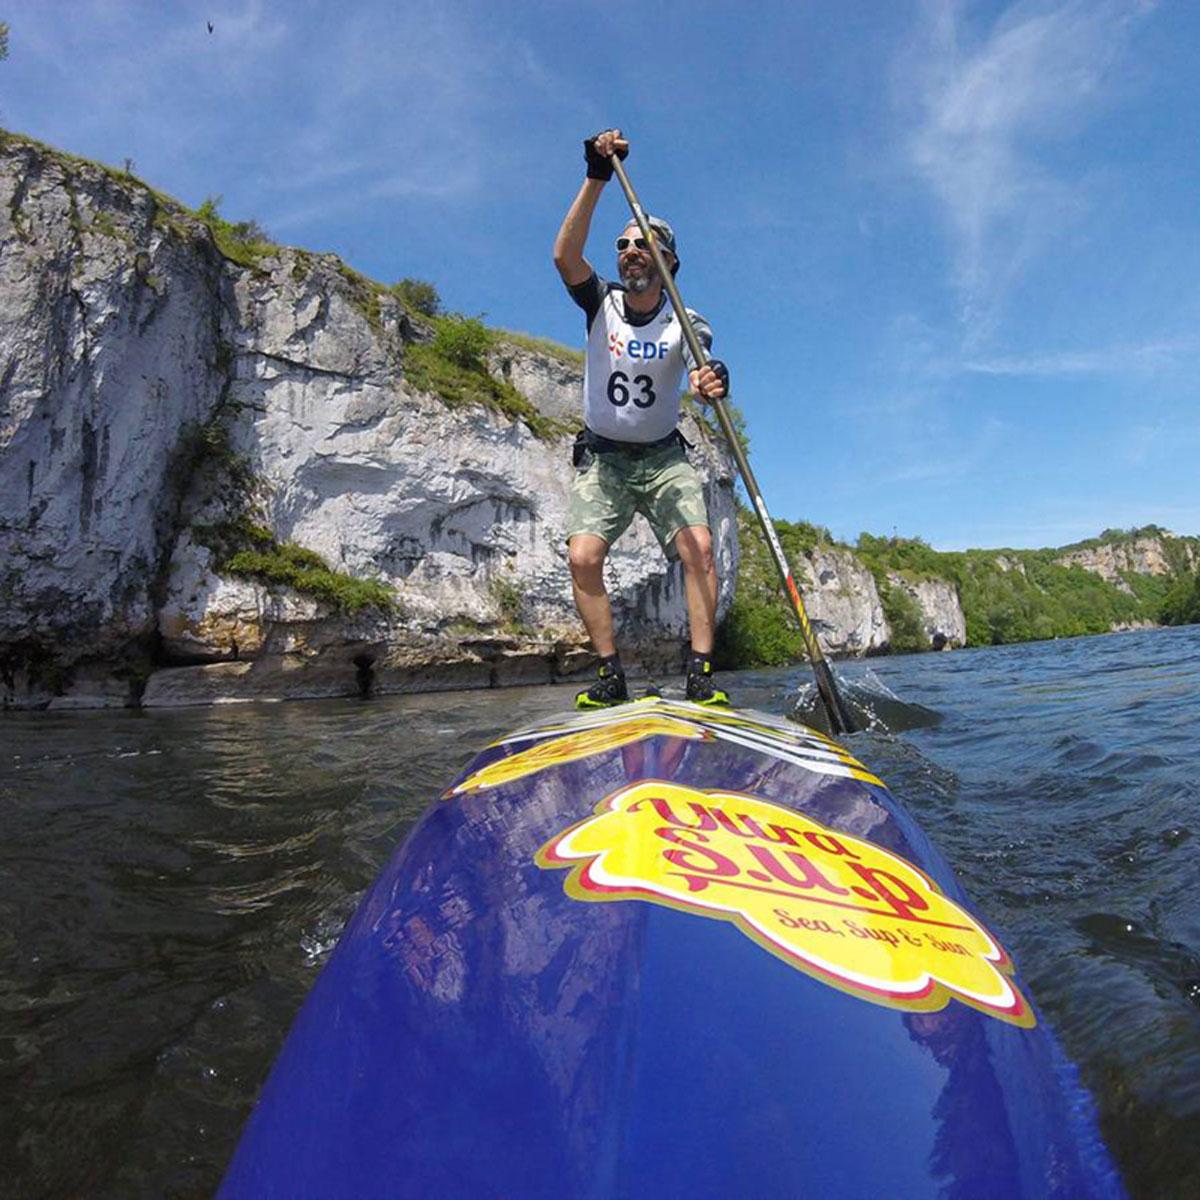 Location de paddle pour une descente rafraichissante